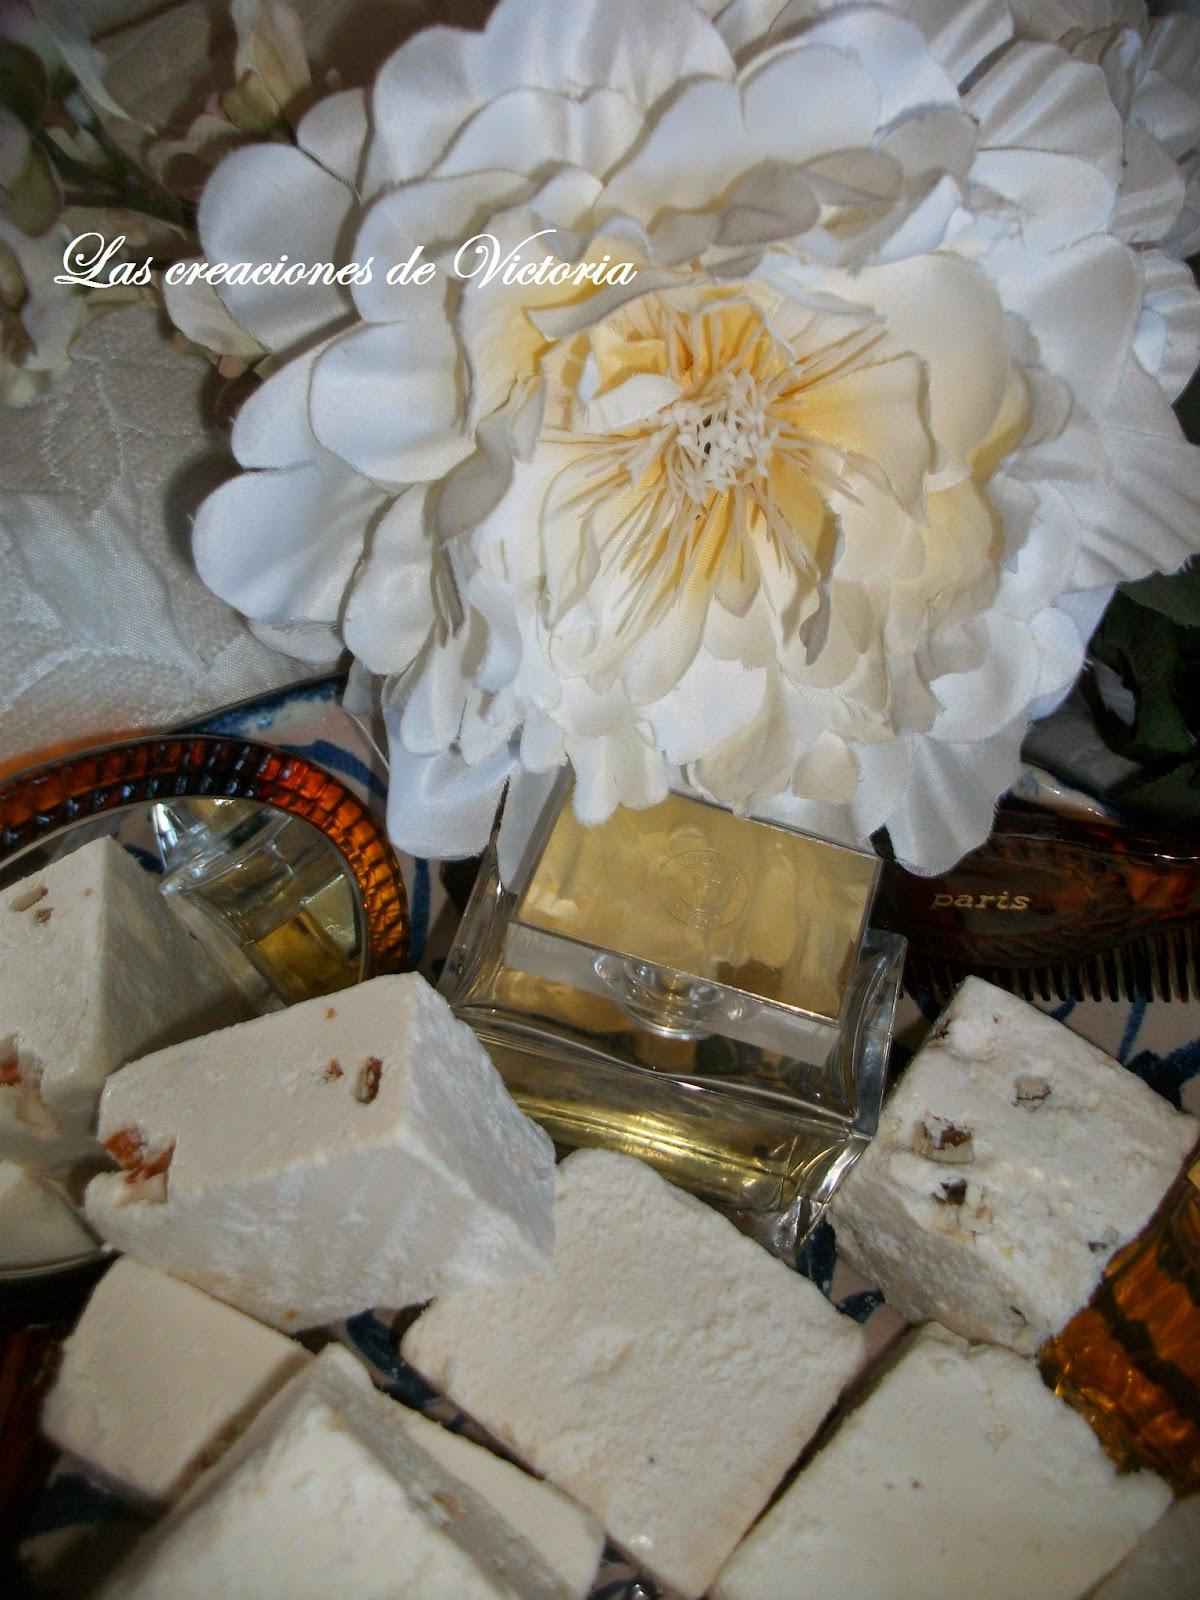 Las creaciones de Victoria.Reutilizar.Reciclar.Jabón casero con aceite usado.Jabón de la abuela.